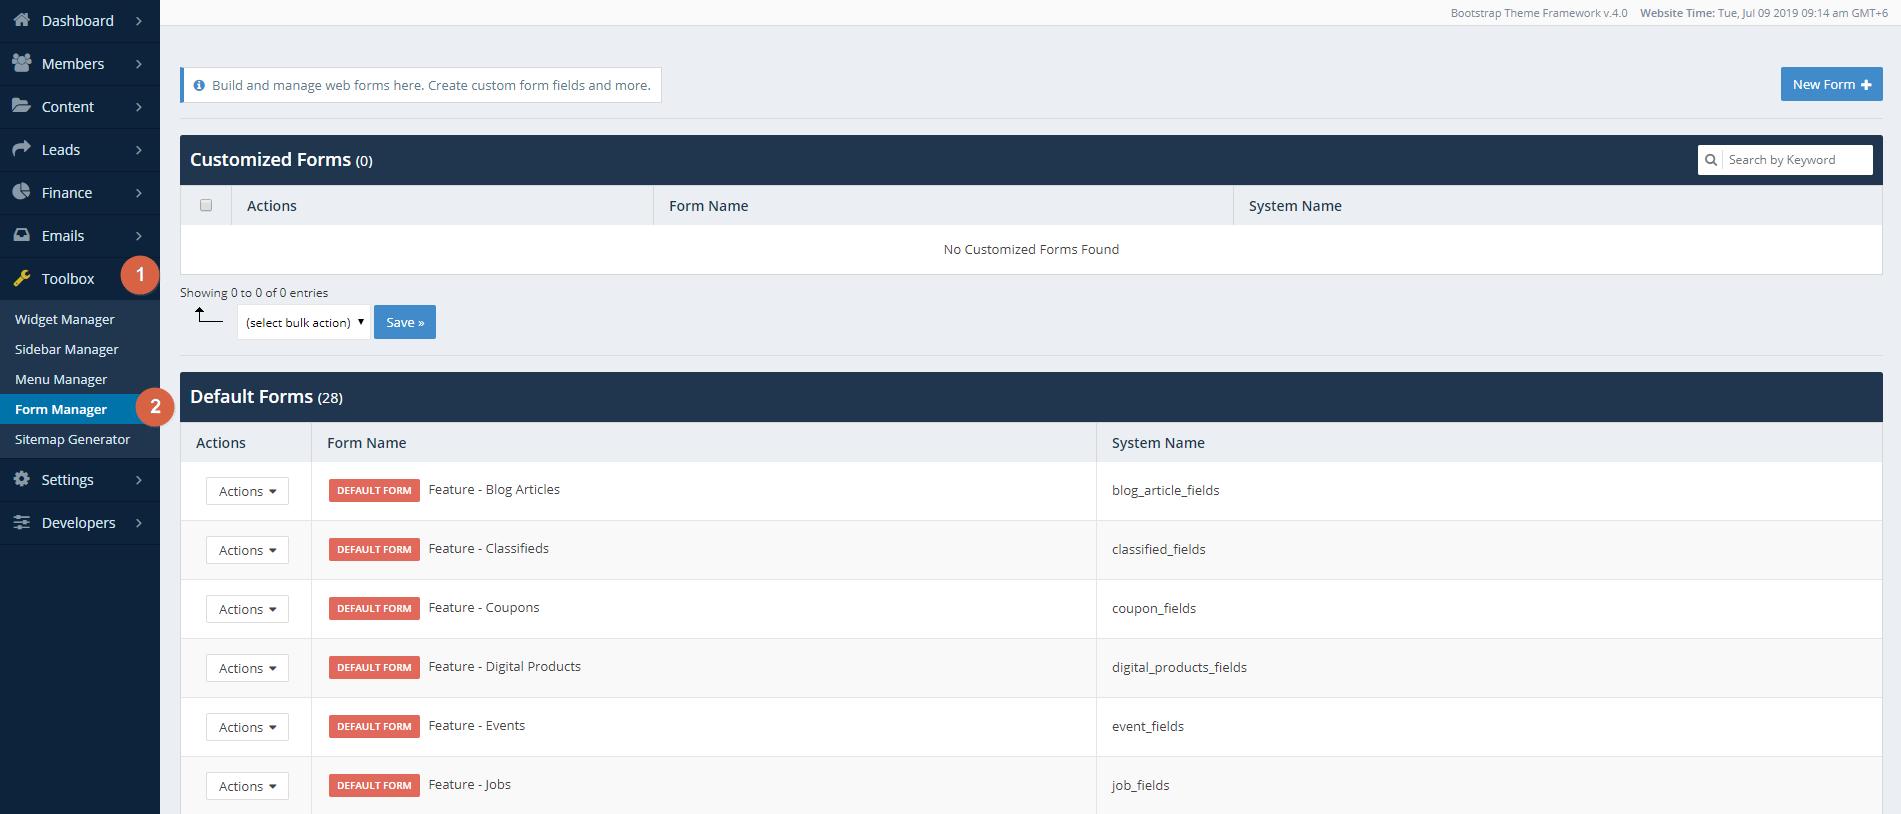 Select2 Bootstrap 4 Theme Cdn